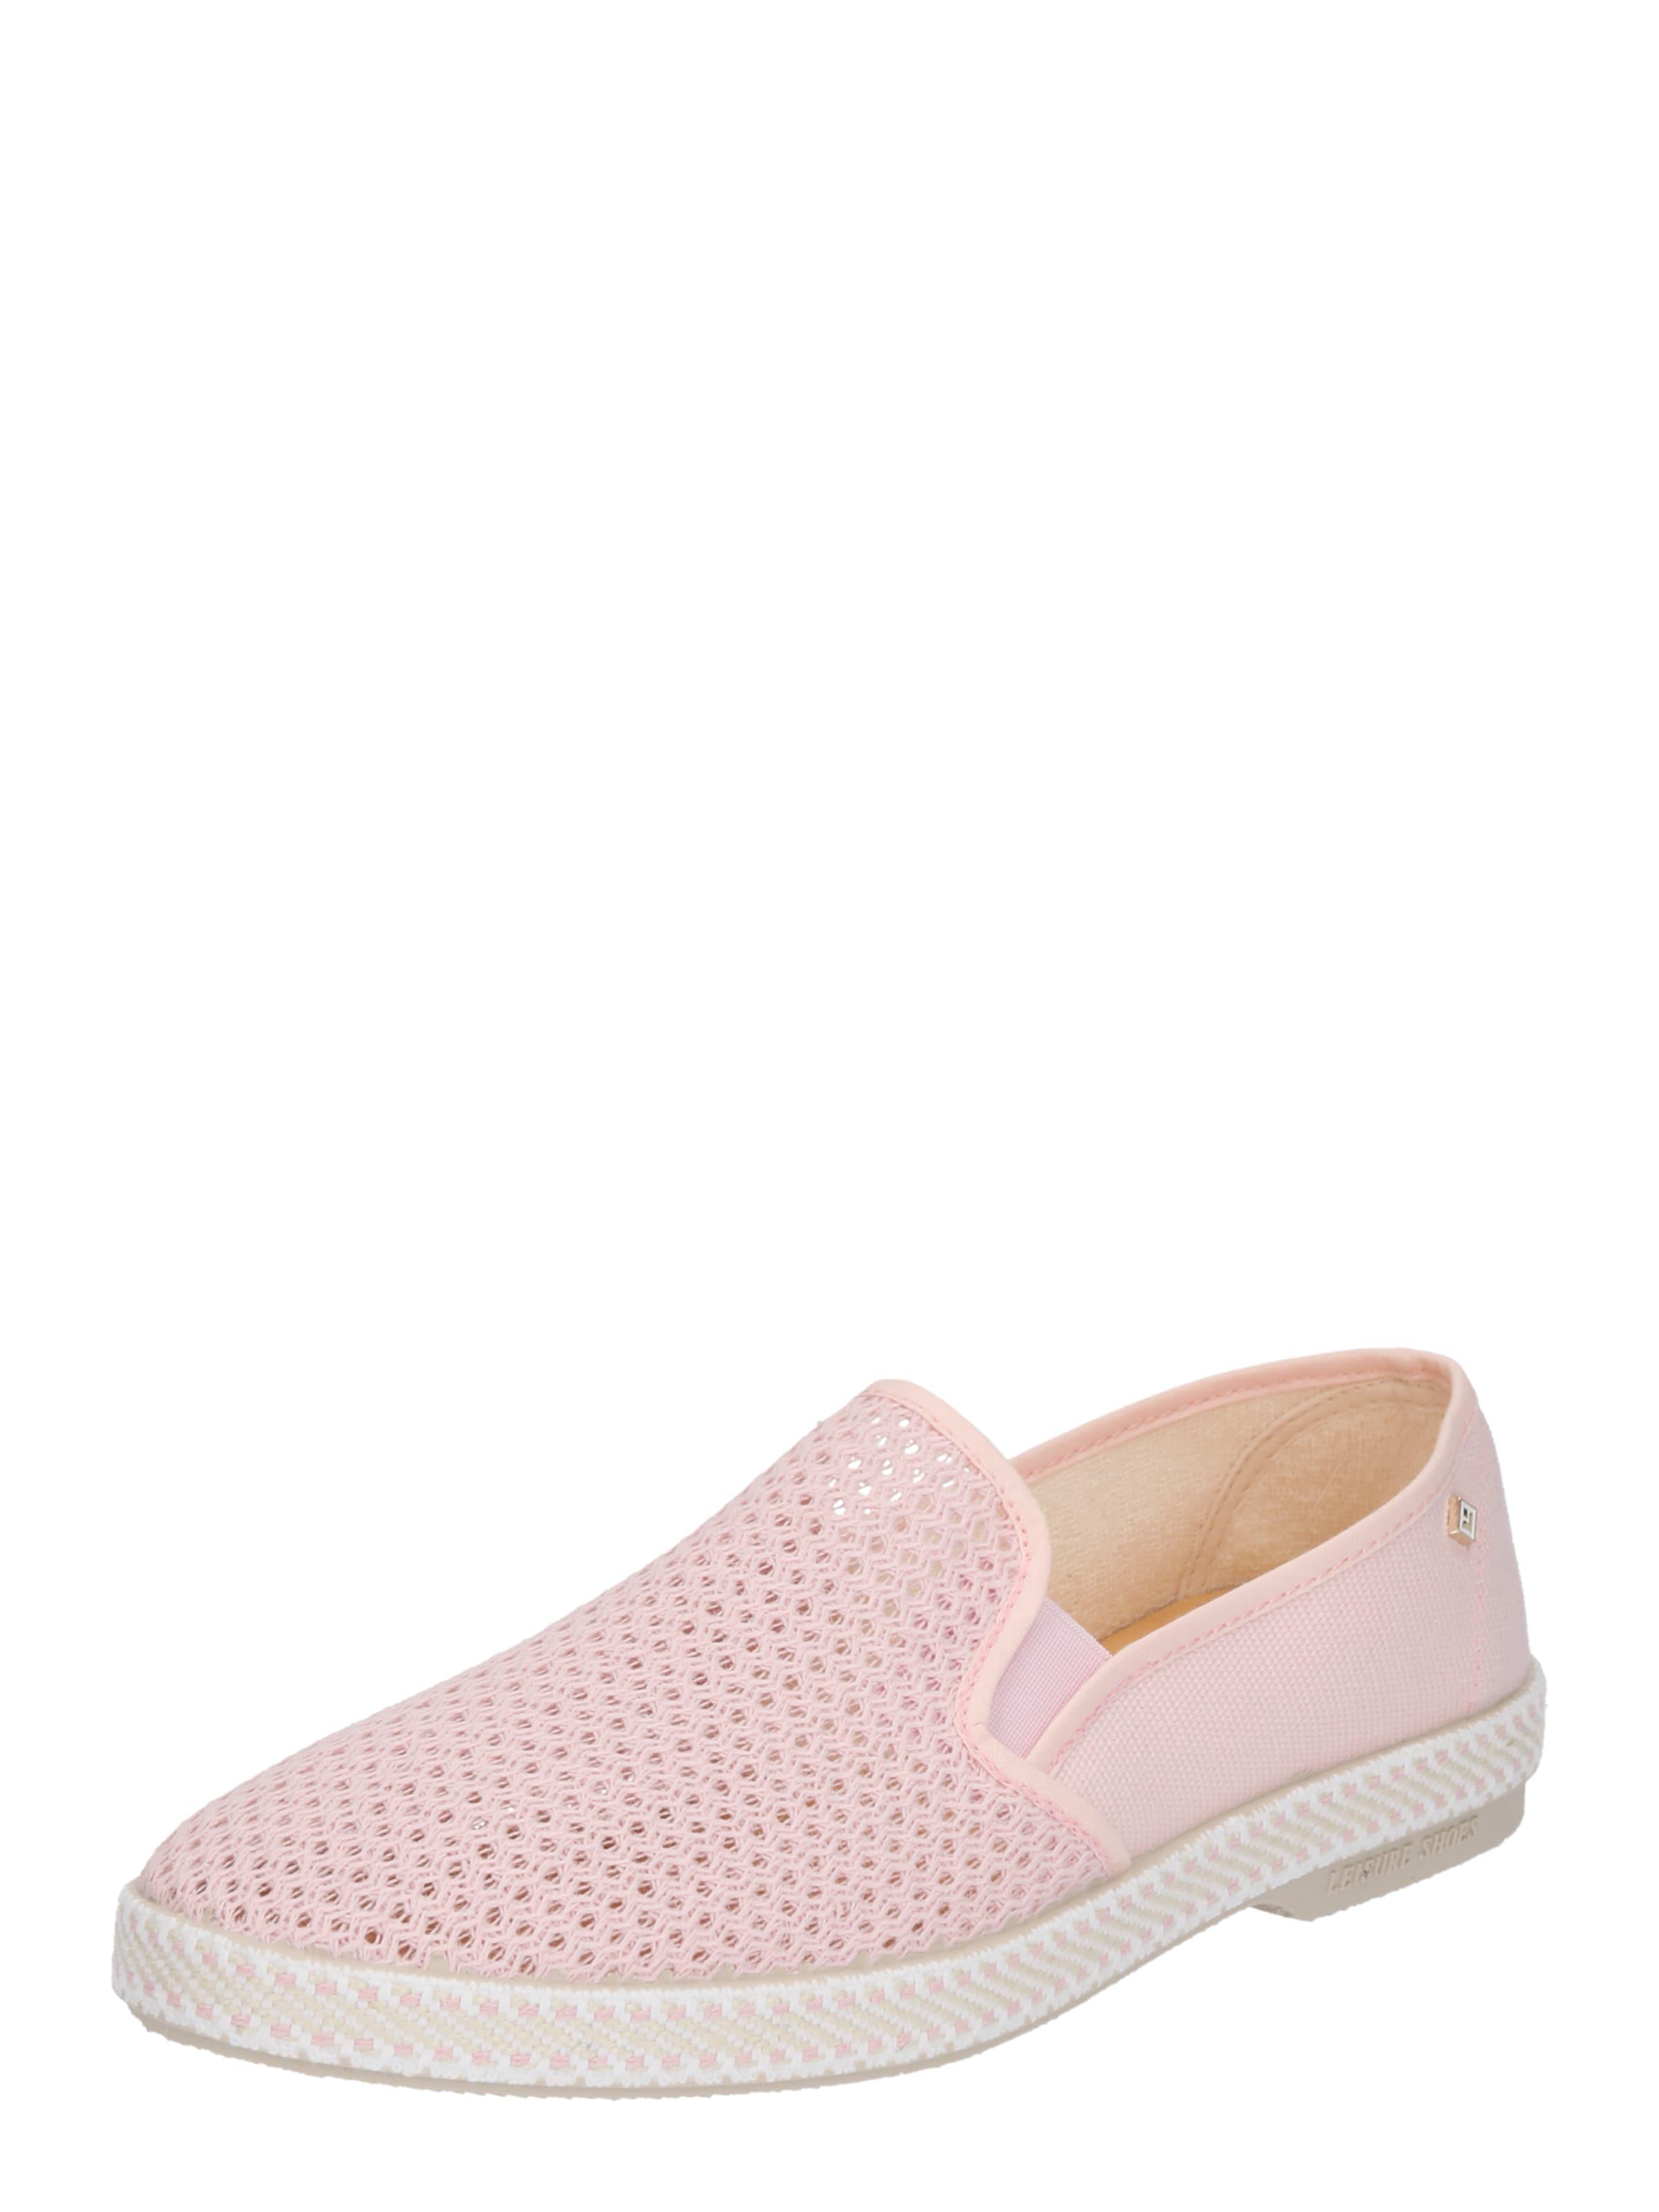 Rivieras Espadrille Nymphe Verschleißfeste billige Schuhe